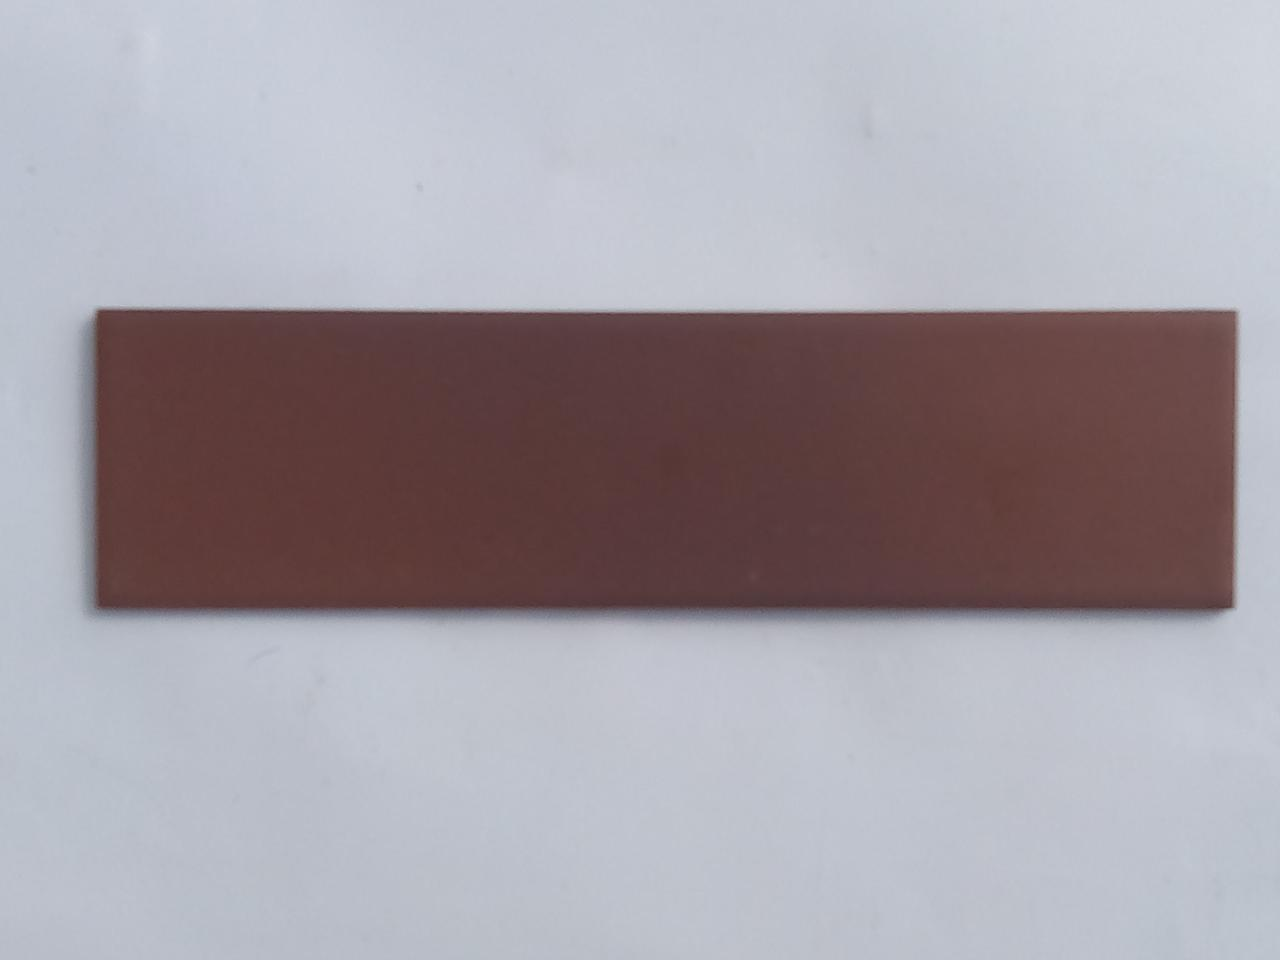 Клинкерная фасадная плитка Paradyz Cloud Rossa 245x65x7.4